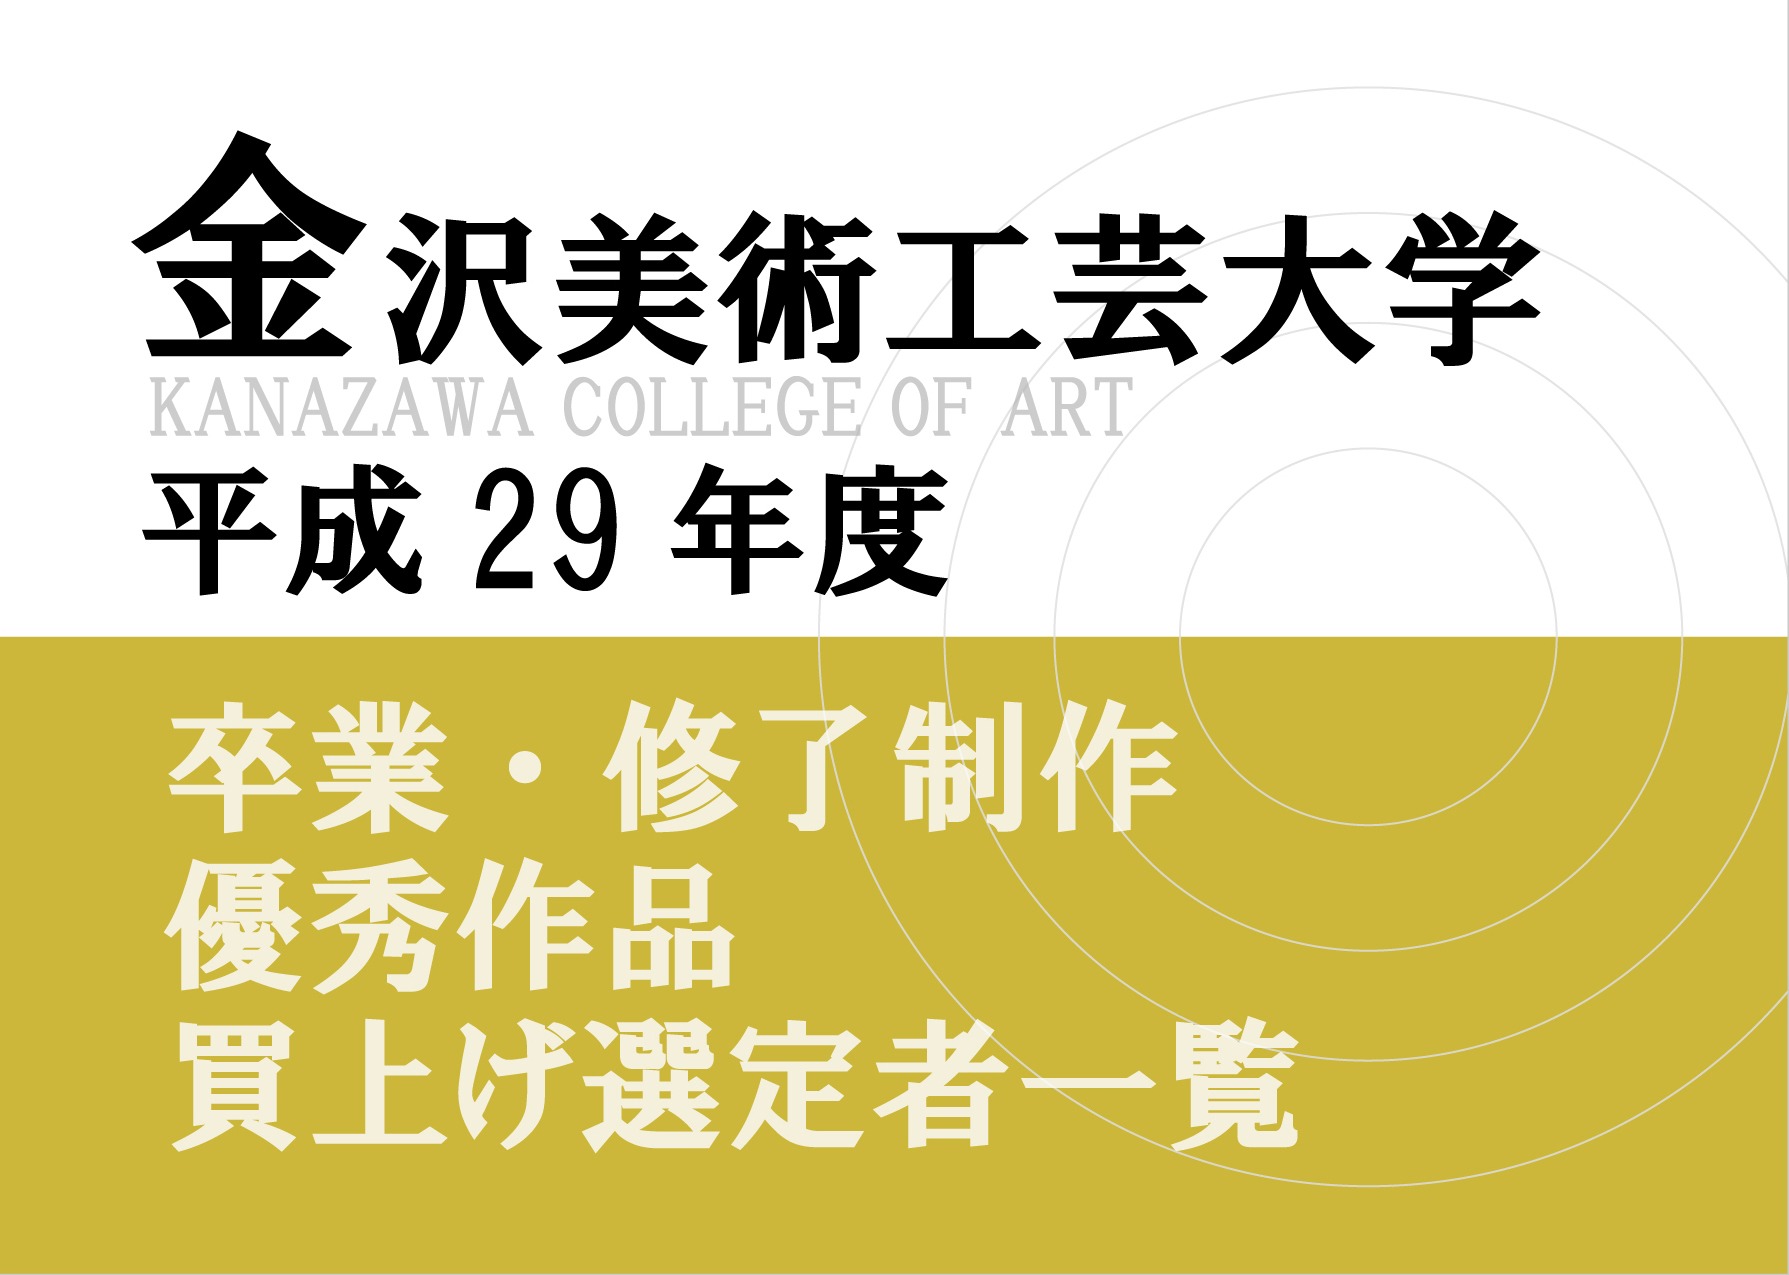 金沢美術工芸大学  平成29年度卒業・修了制作優秀作品買上げ選定者 ポスターデザイン選定者